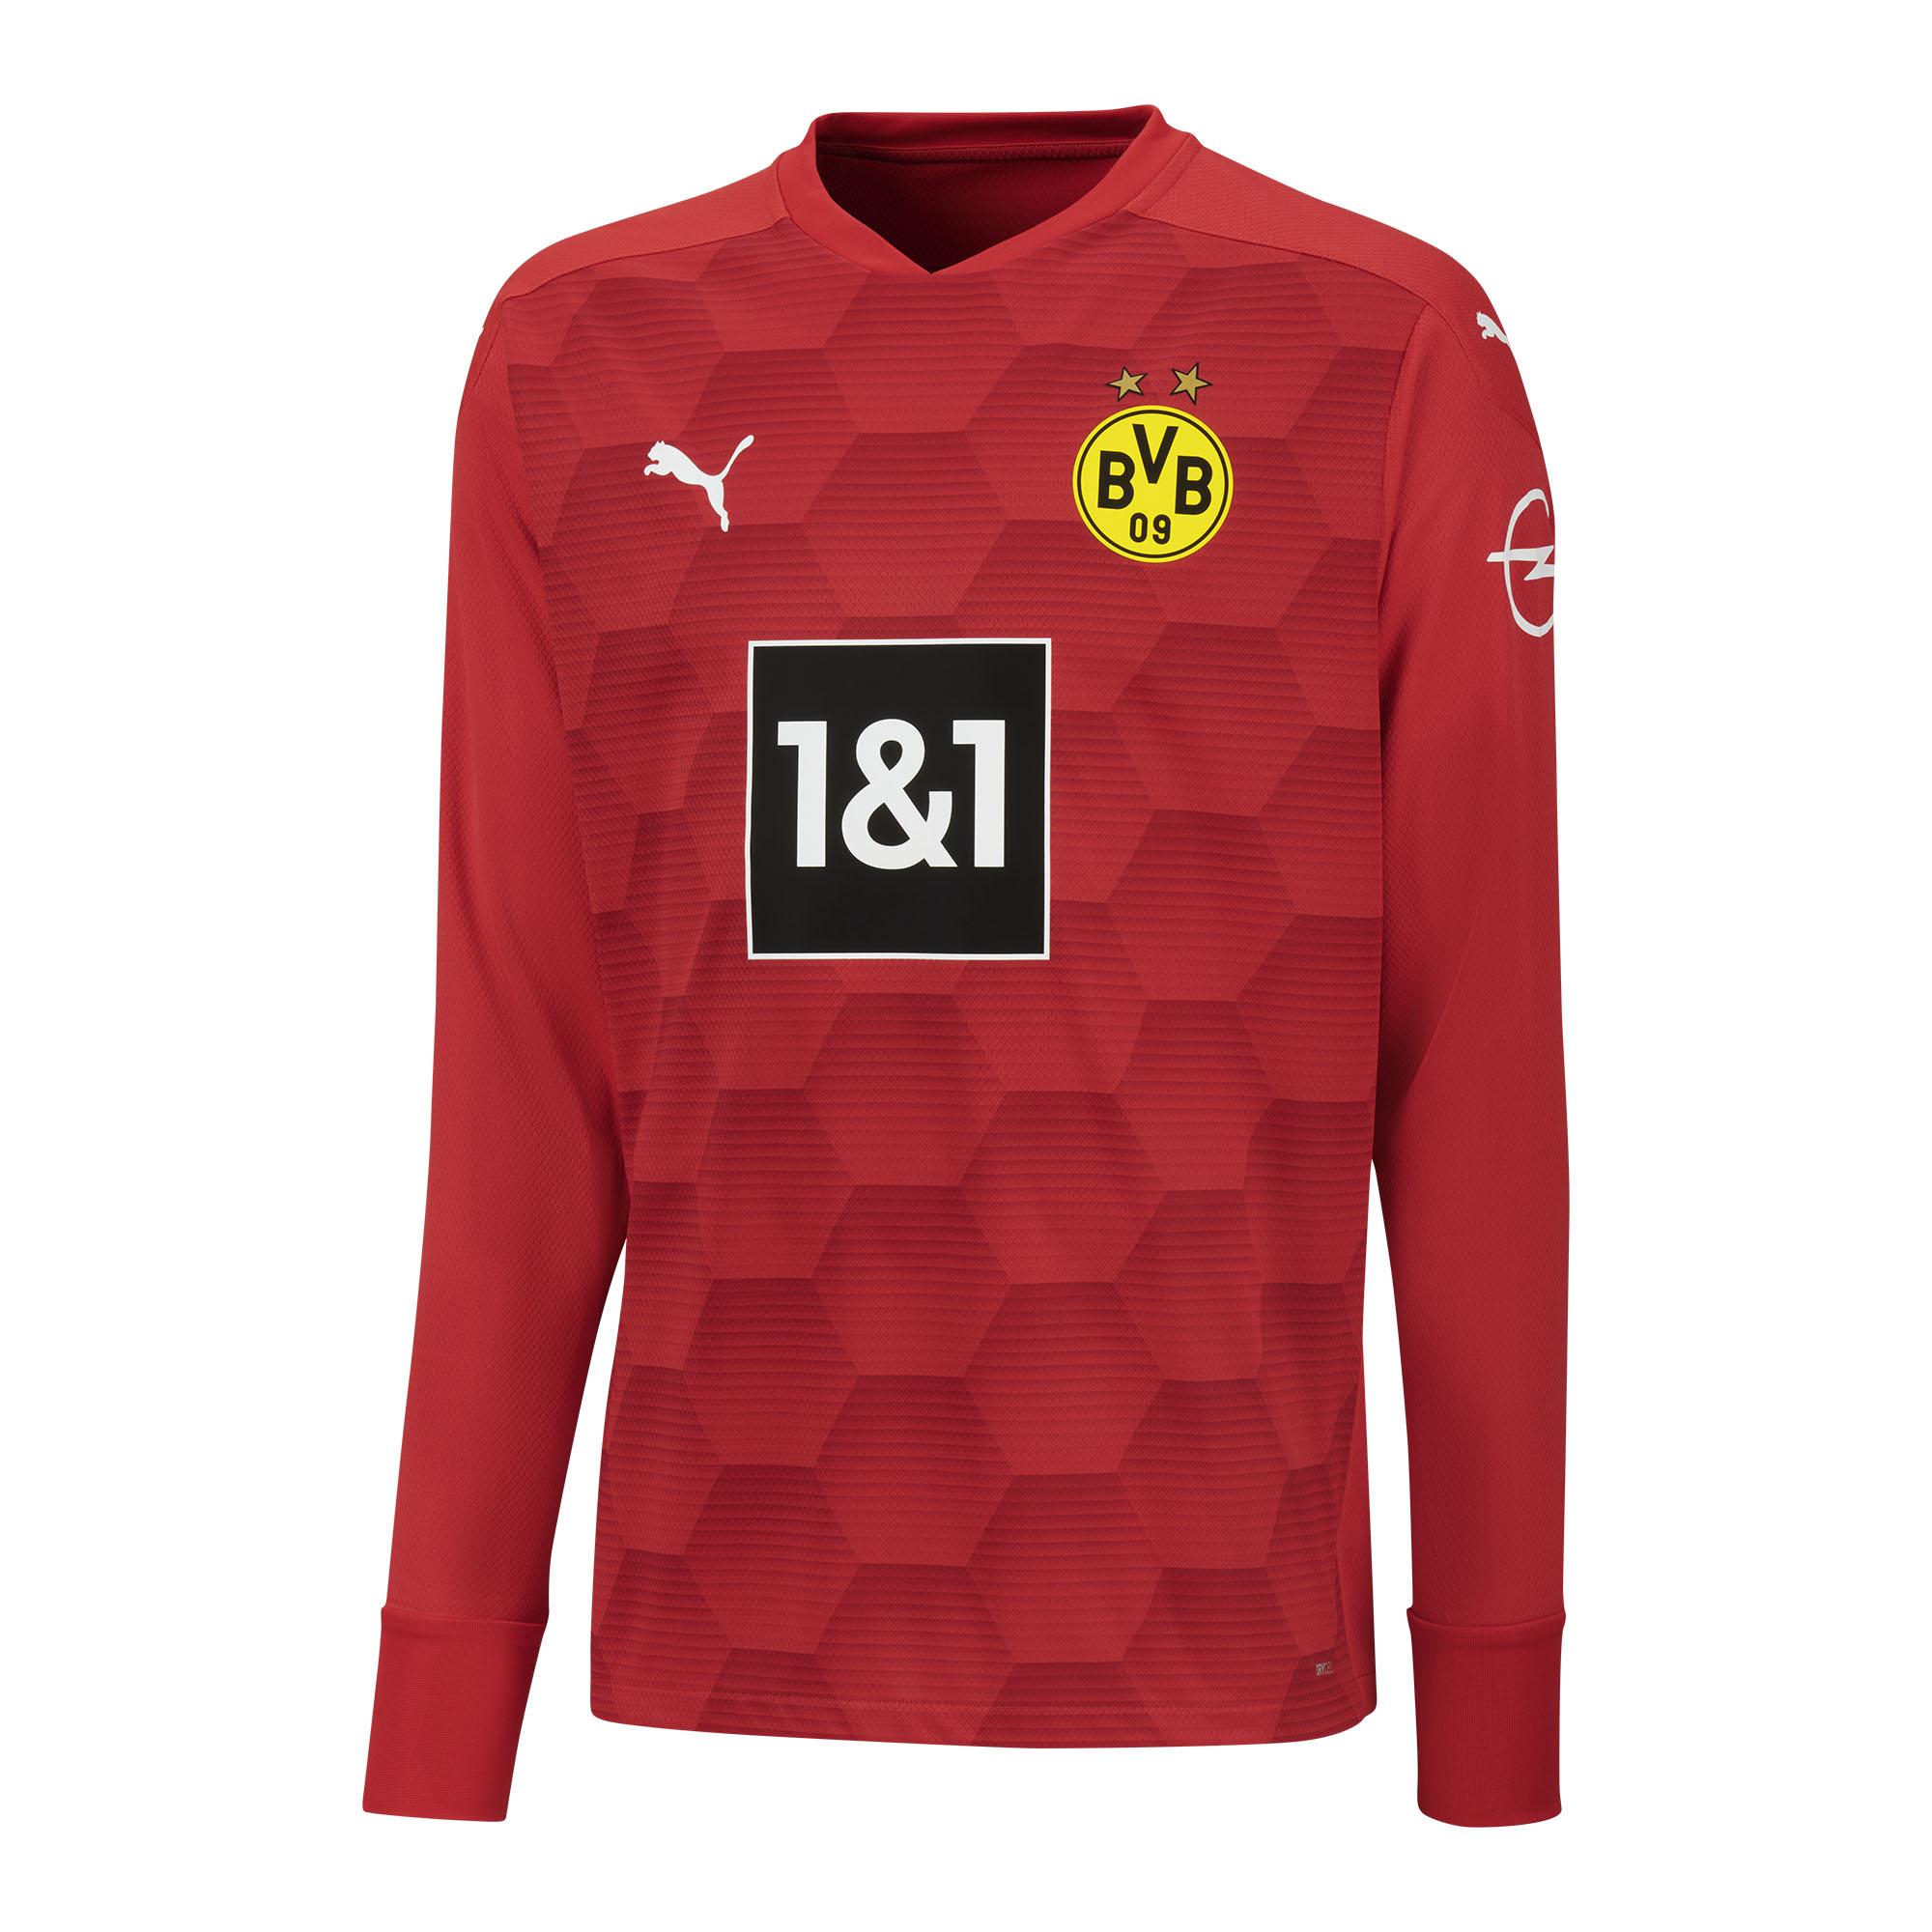 Torwart Borussia Dortmund